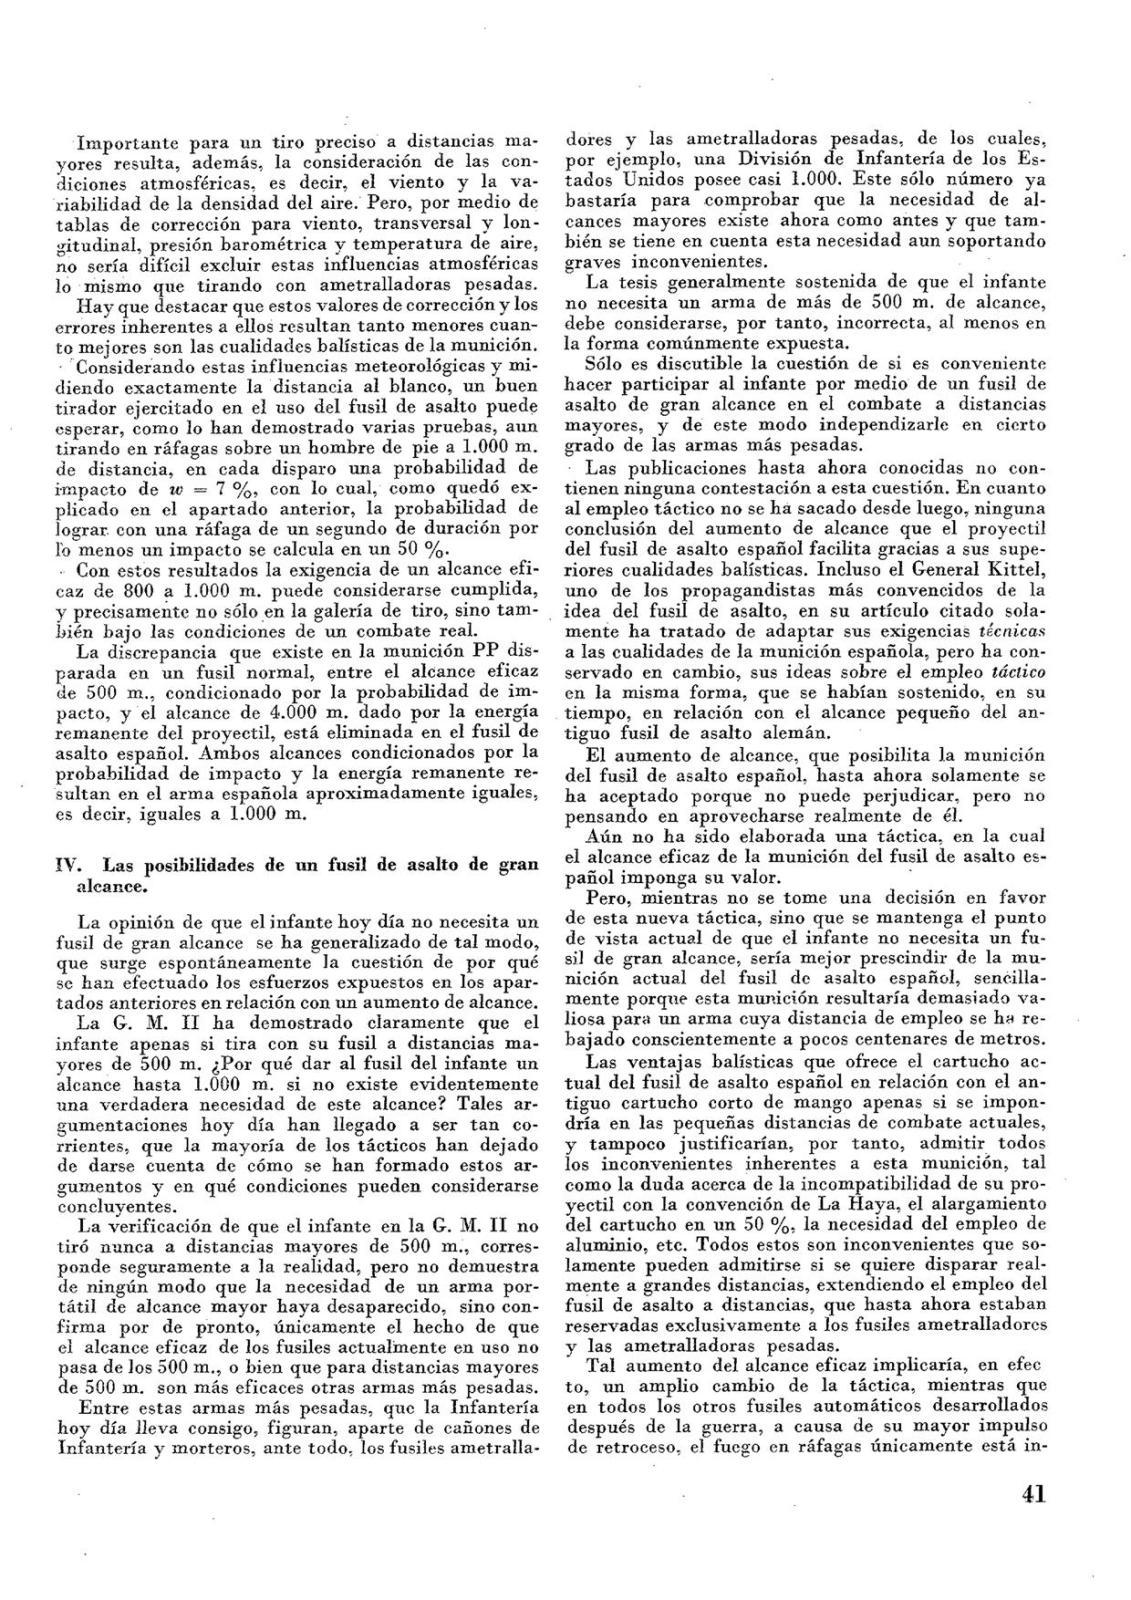 interesante articulo de GÜNTER VOSS 35k31w1